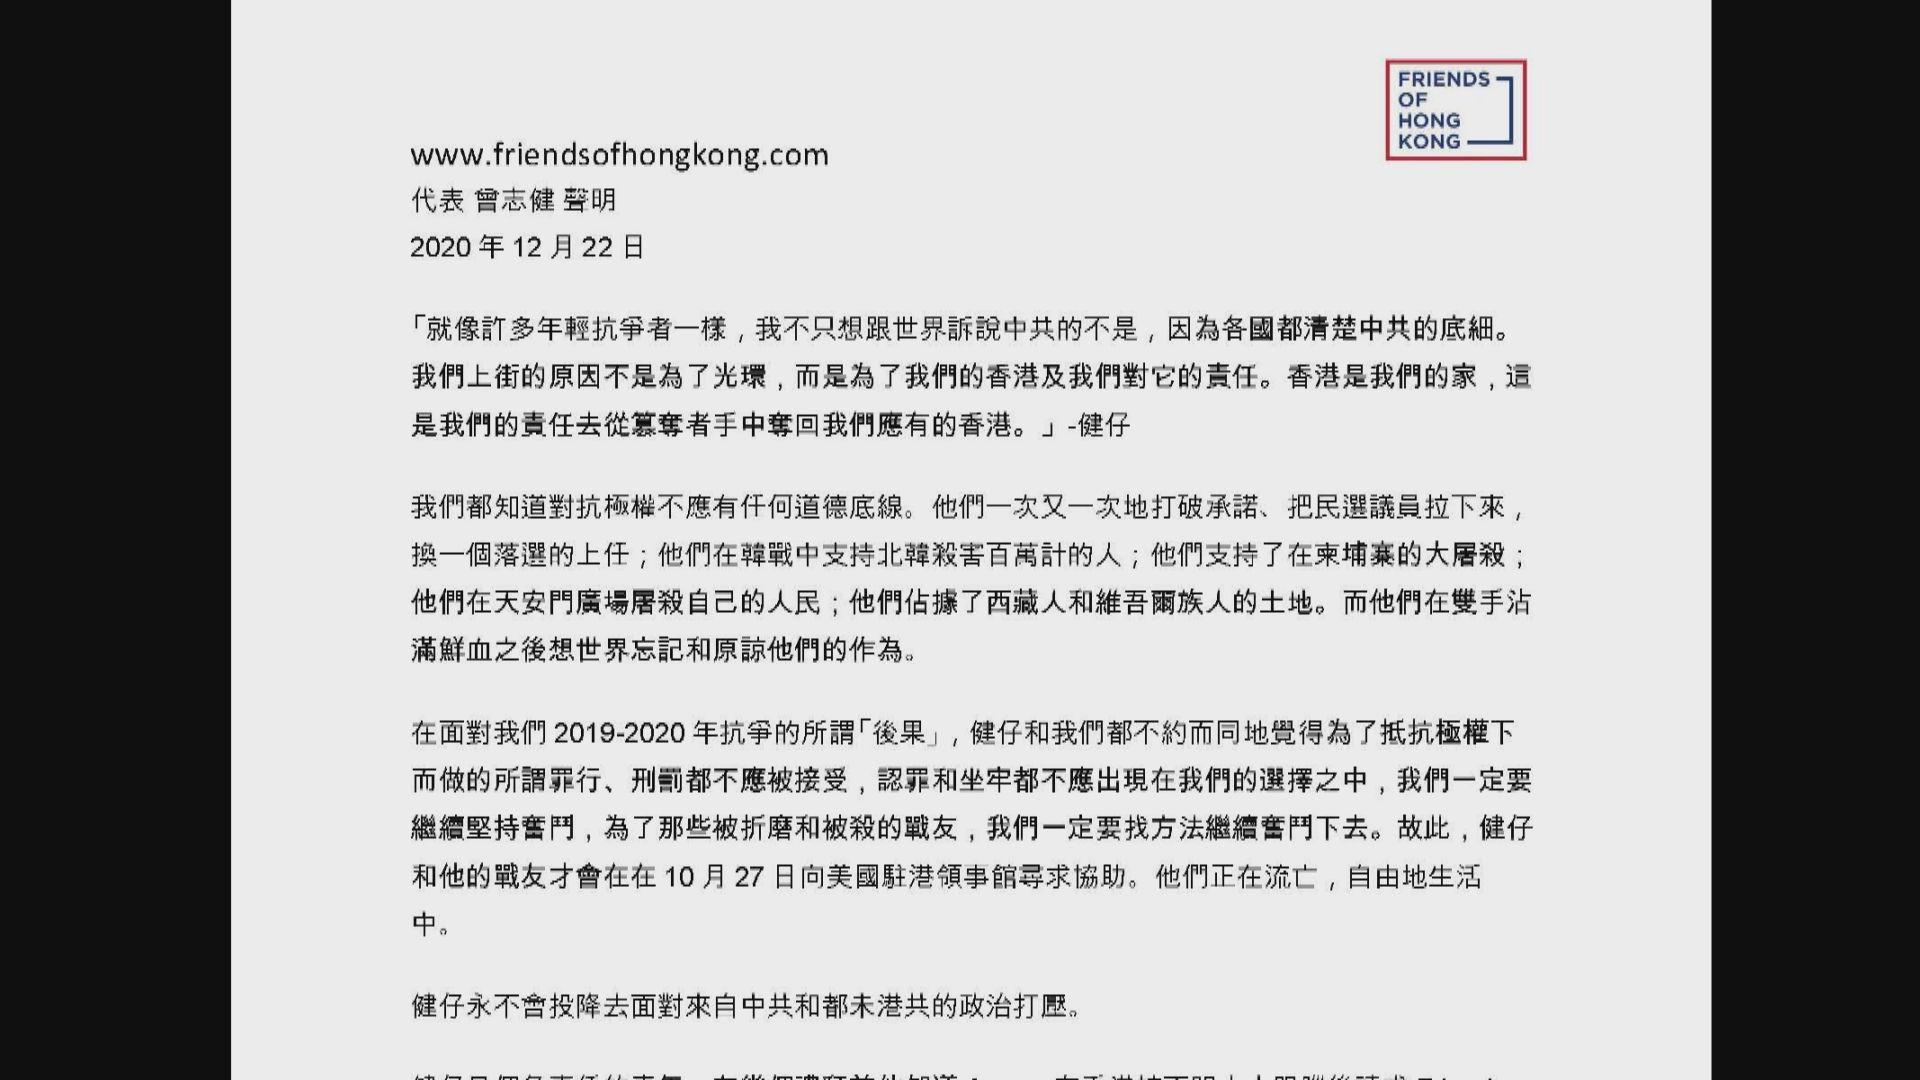 有組織指荃灣中槍學生曾志健正在流亡 10月底曾向美領館求助